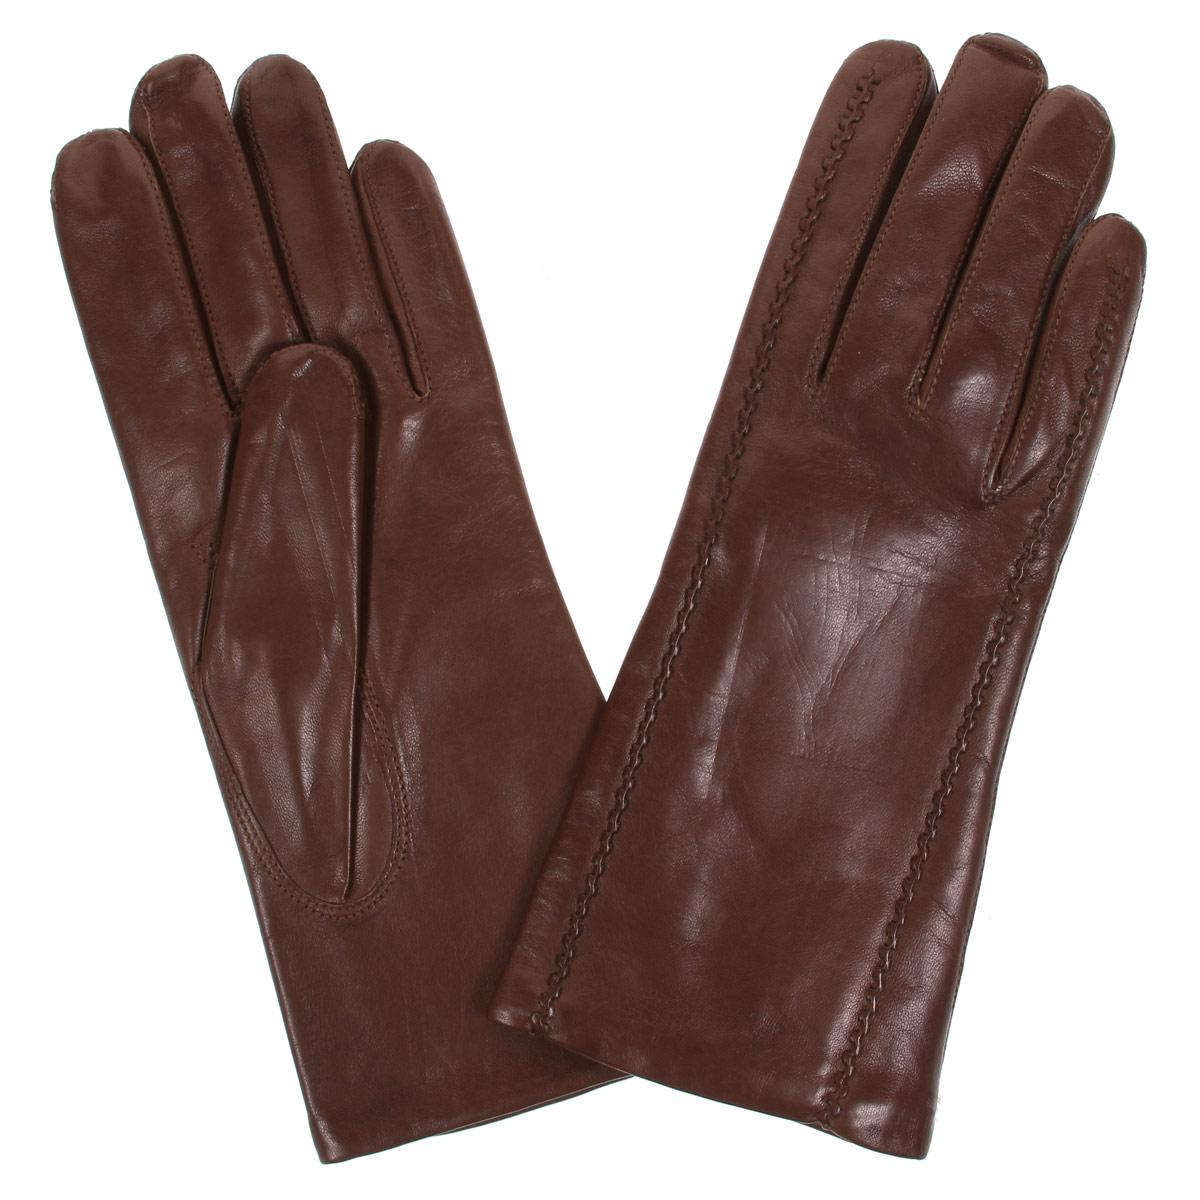 ПерчаткиDF12-247.chestnutСтильные женские перчатки Bartoc не только защитят ваши руки от холода, но и станут великолепным украшением. Они выполнены из мягкой и приятной на ощупь натуральной кожи ягненка, подкладка - из шерсти. Декорирована модель на лицевой стороне оригинальной рельефной отстрочкой. Перчатки являются неотъемлемой принадлежностью одежды, вместе с этим аксессуаром вы обретаете женственность и элегантность. Они станут завершающим и подчеркивающим элементом вашего неповторимого стиля и индивидуальности.